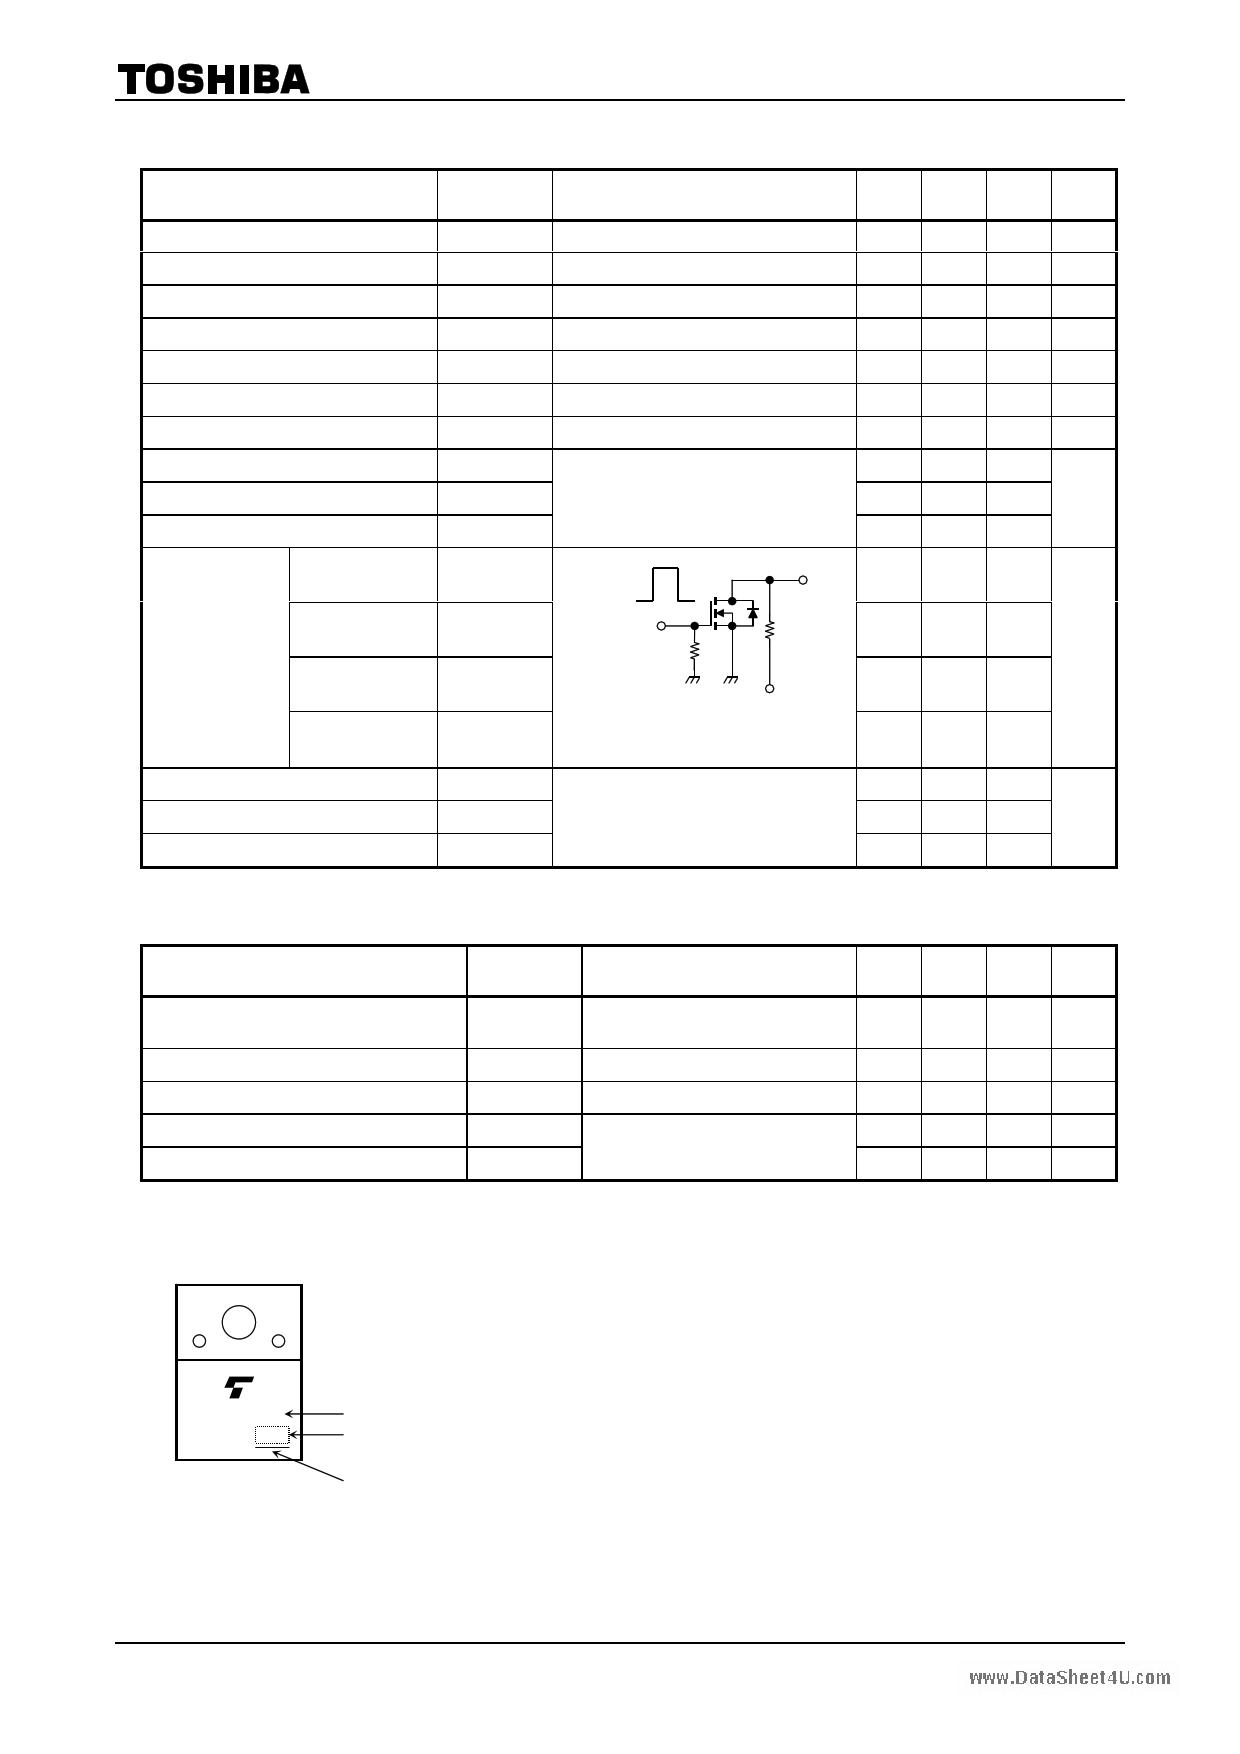 K3561 pdf pinout